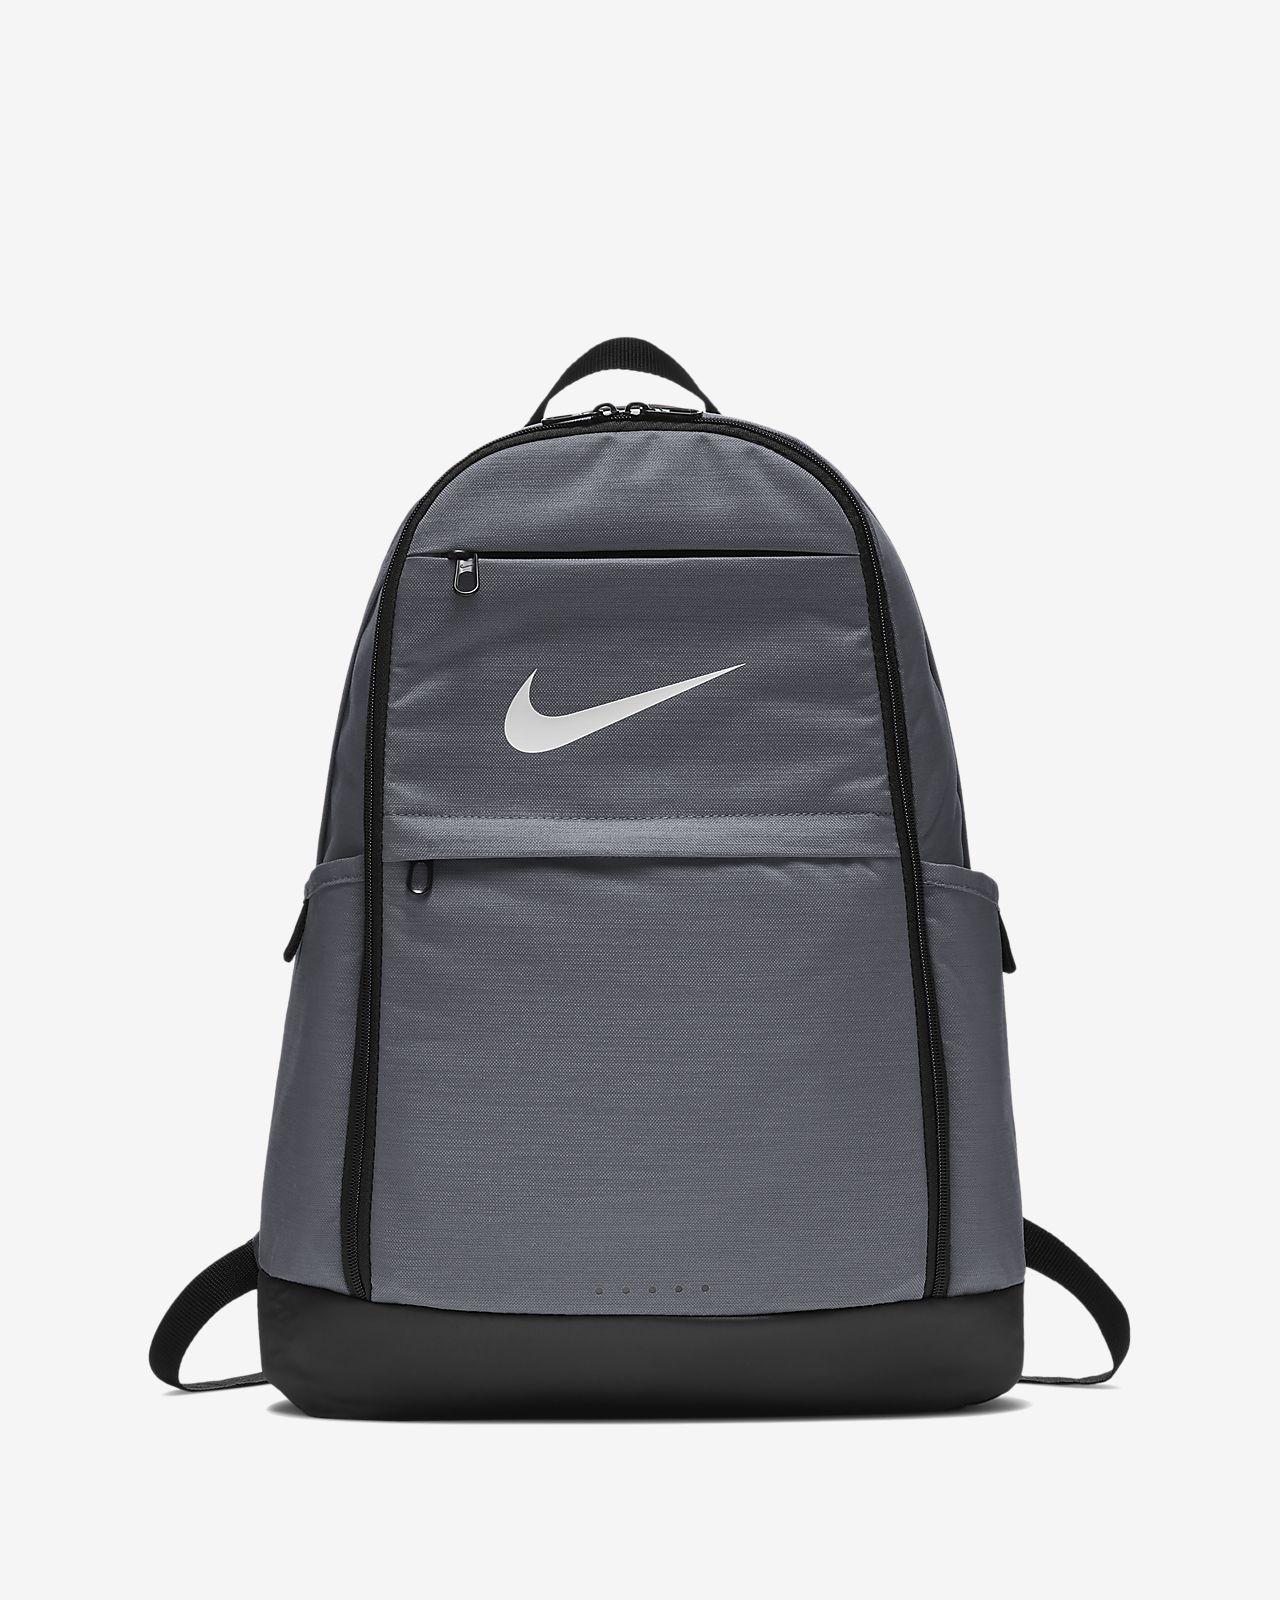 Σακίδιο προπόνησης Nike Brasilia (μέγεθος Extra Large)